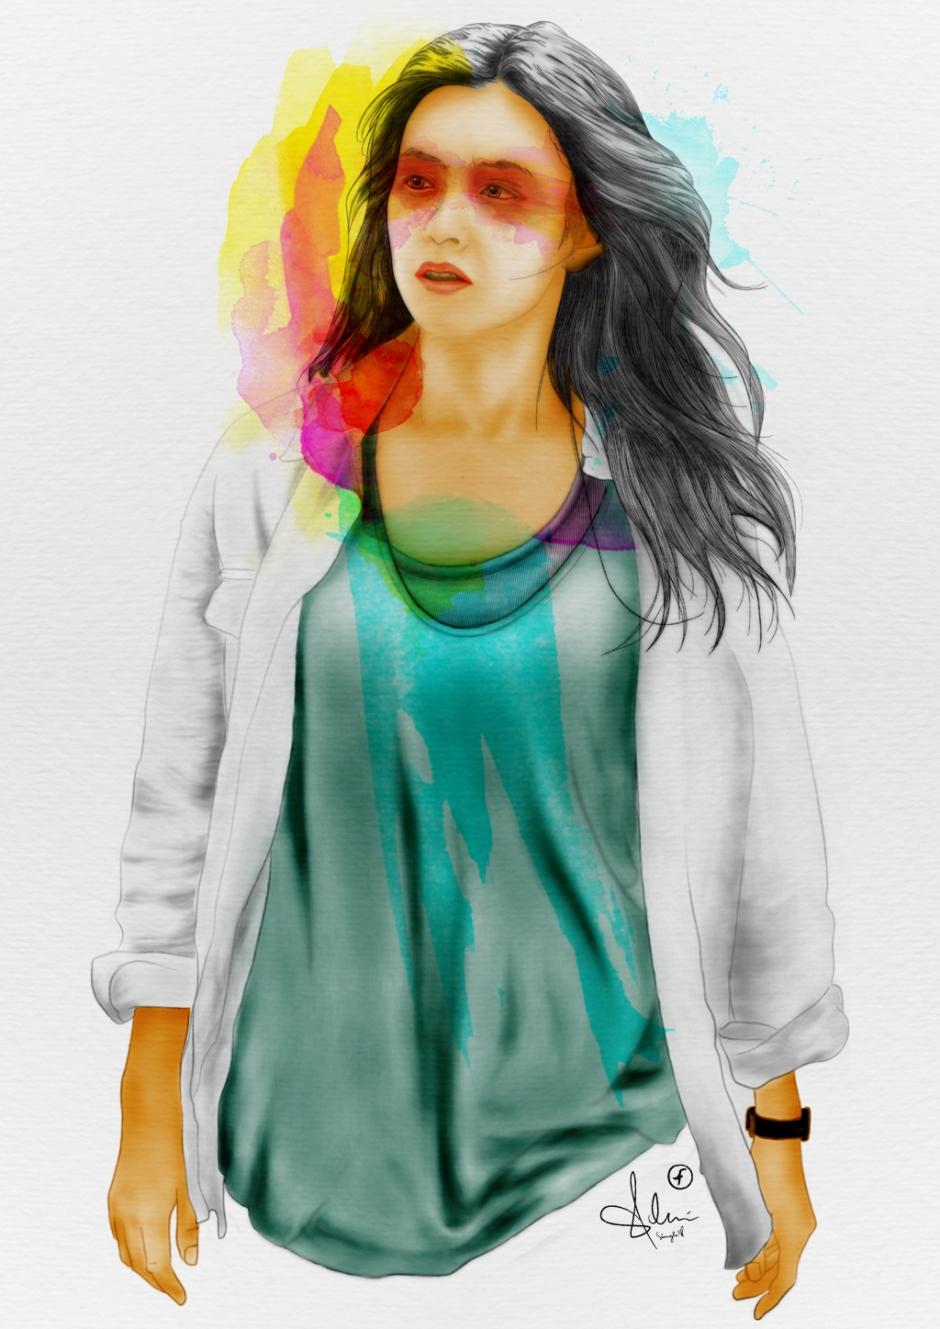 Han Hyo Joo Portrait Fan Art by GFRI